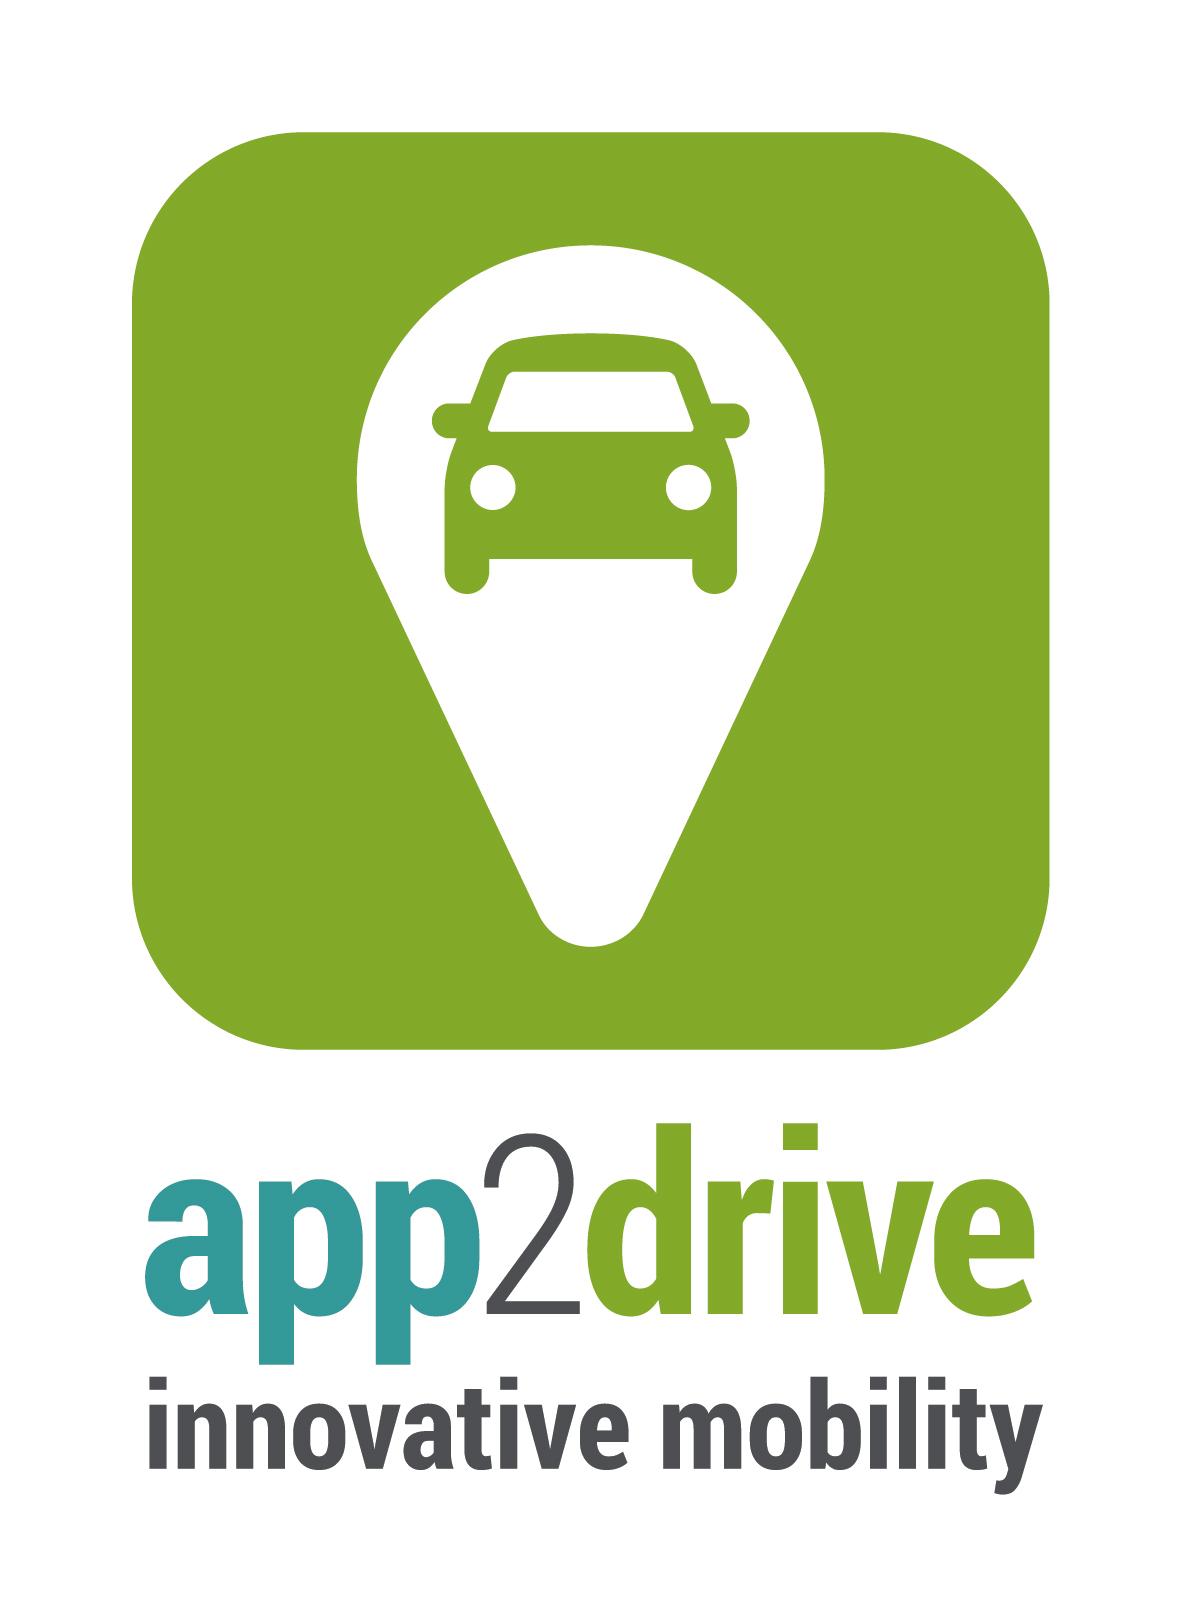 vertical logo app2drive.jpg